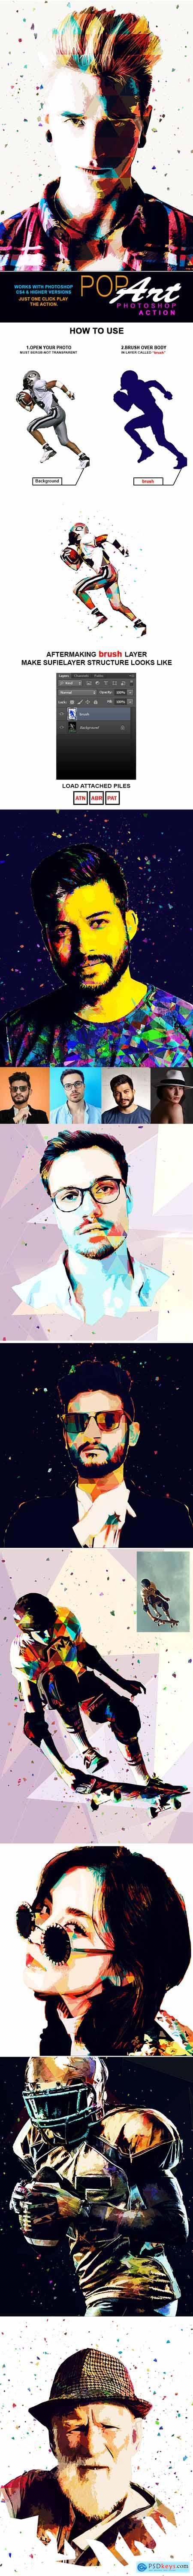 Pop Art Photoshop Action 26433420